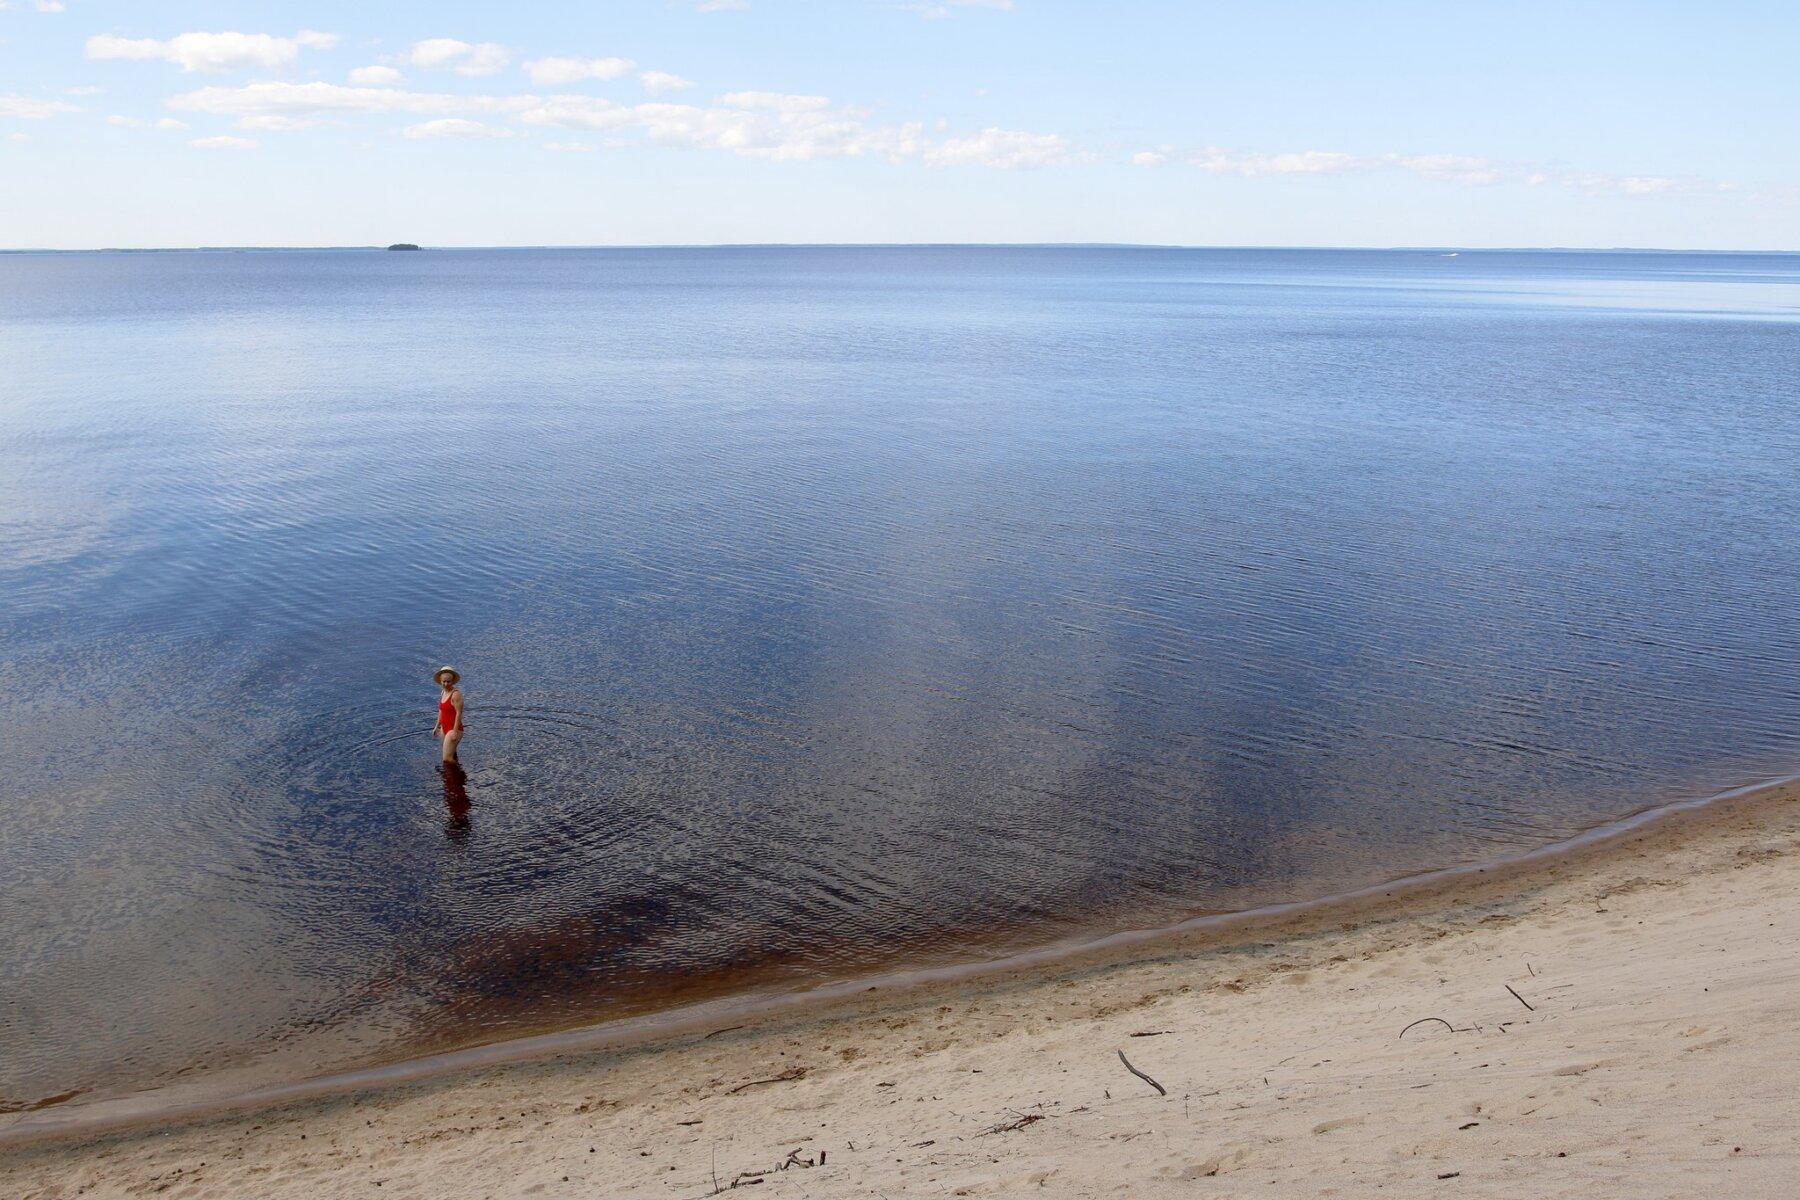 Vuokatin kesä Hiukan uimarannalla